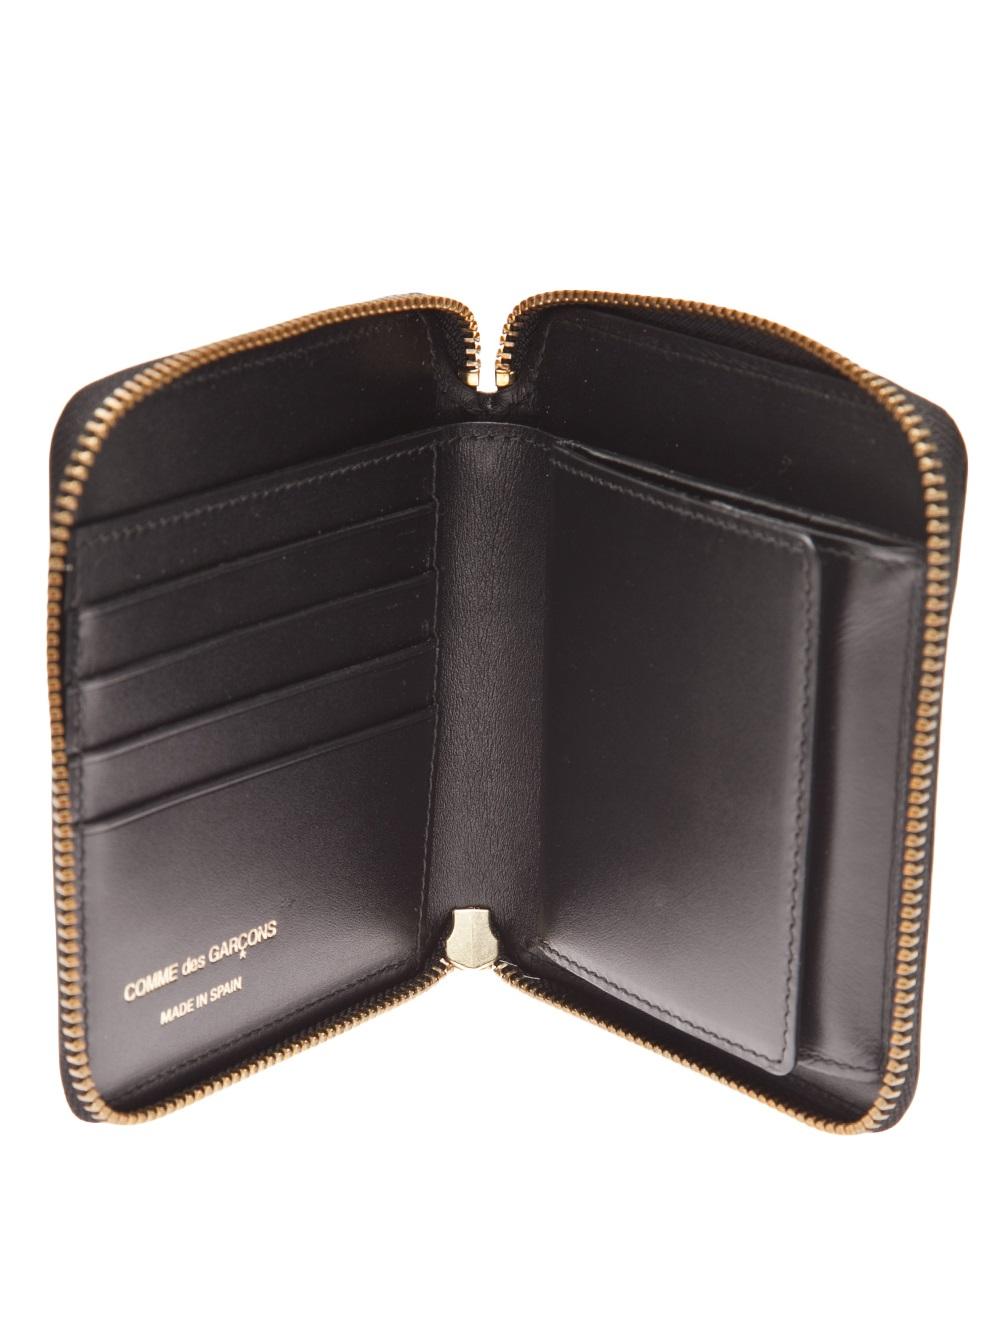 Commes Des Garcons Wallet | Comme Des Garcons Wallet Womens | Comme Des Garcons Wallet Men